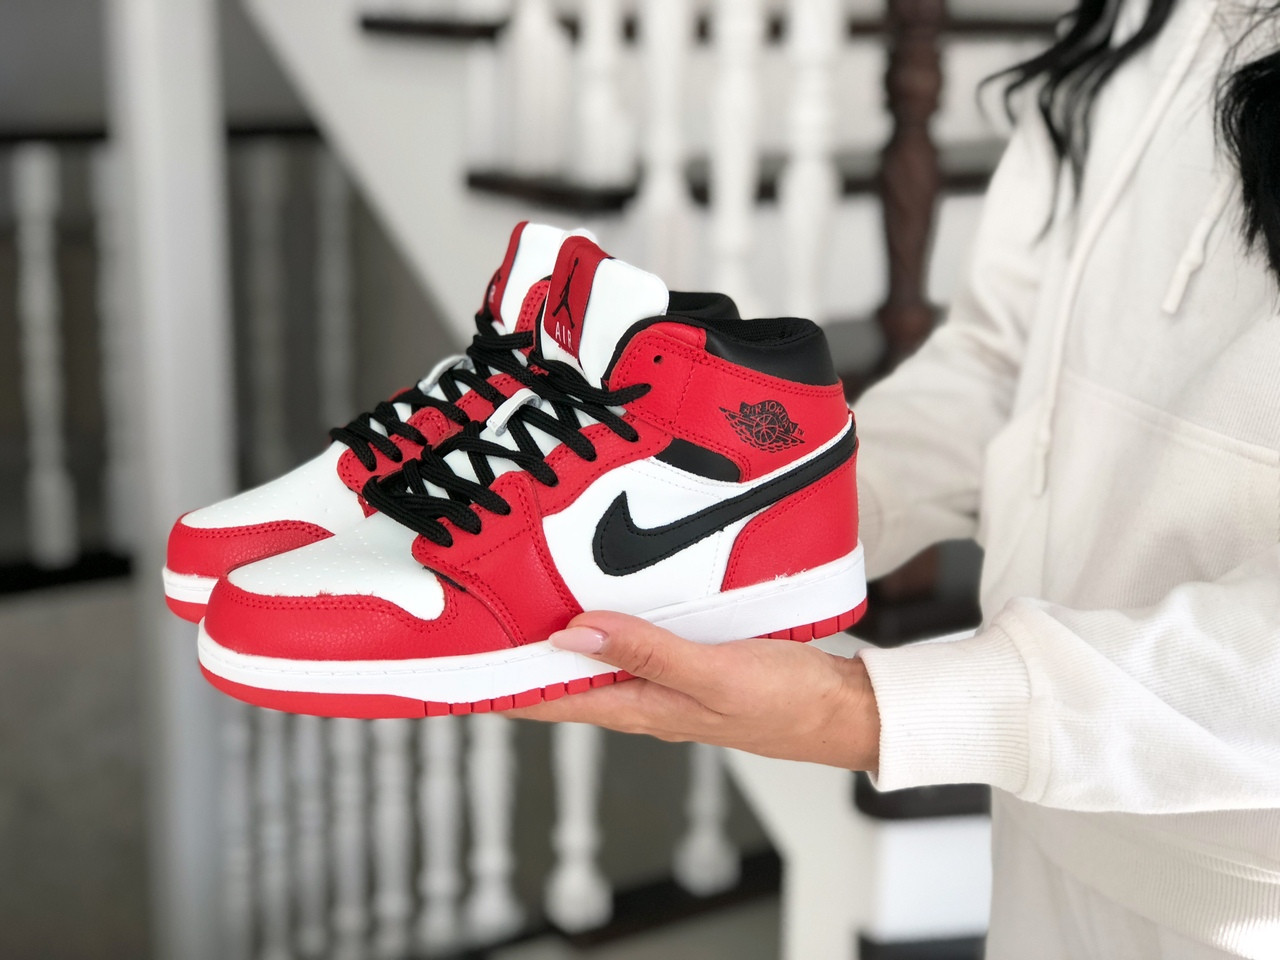 Высокие зимние подростковые кроссовки Nike Air Jordan 1 Retro,красные с белым